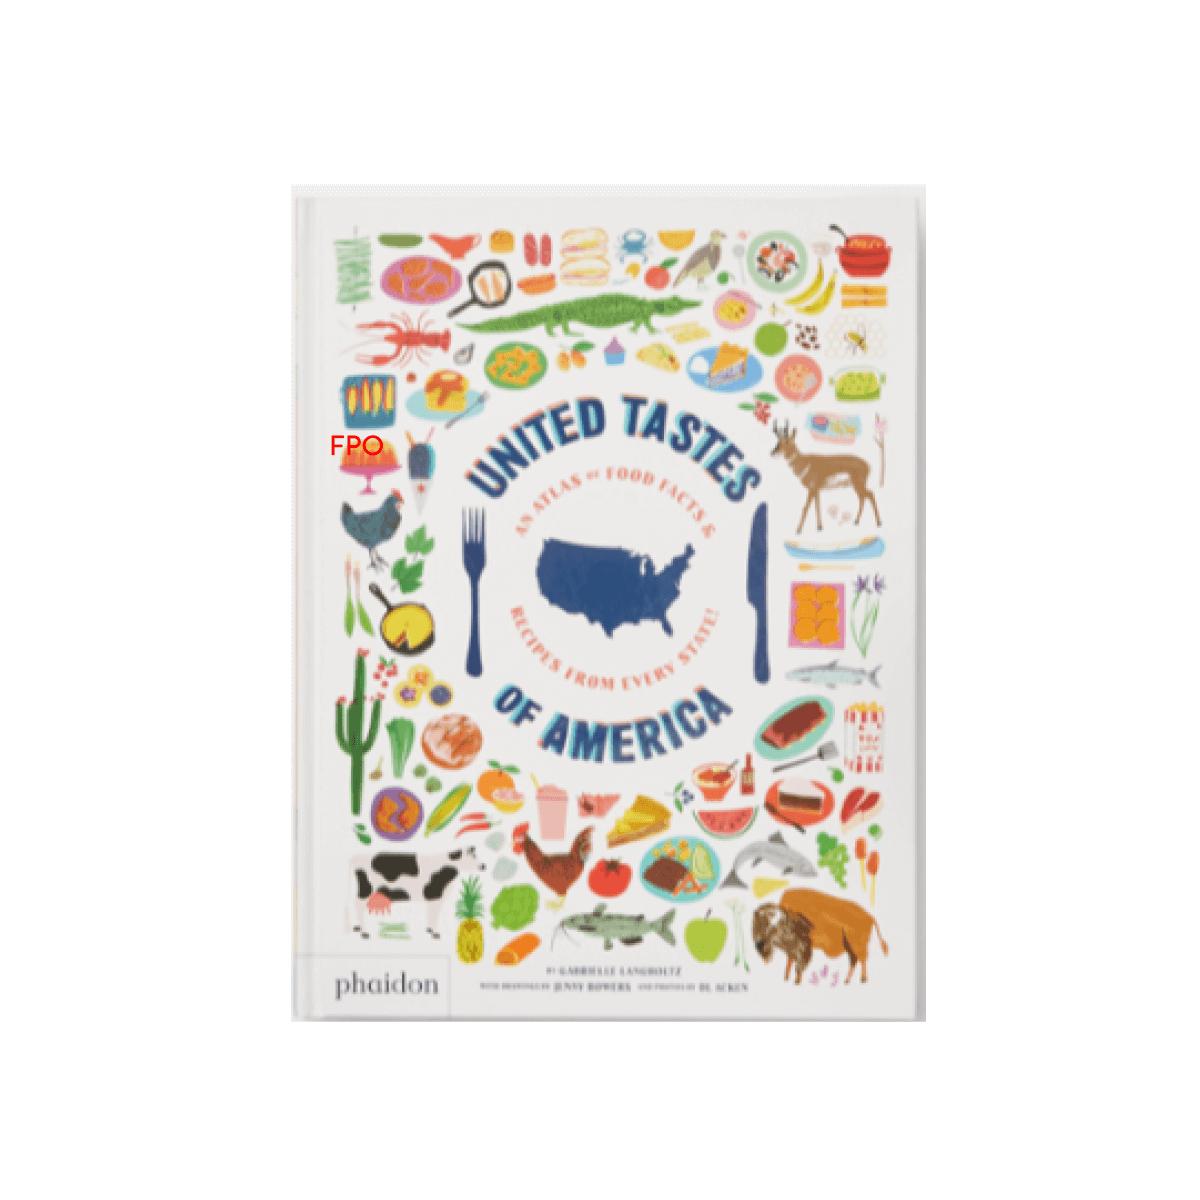 Phaidon United Tastes of America